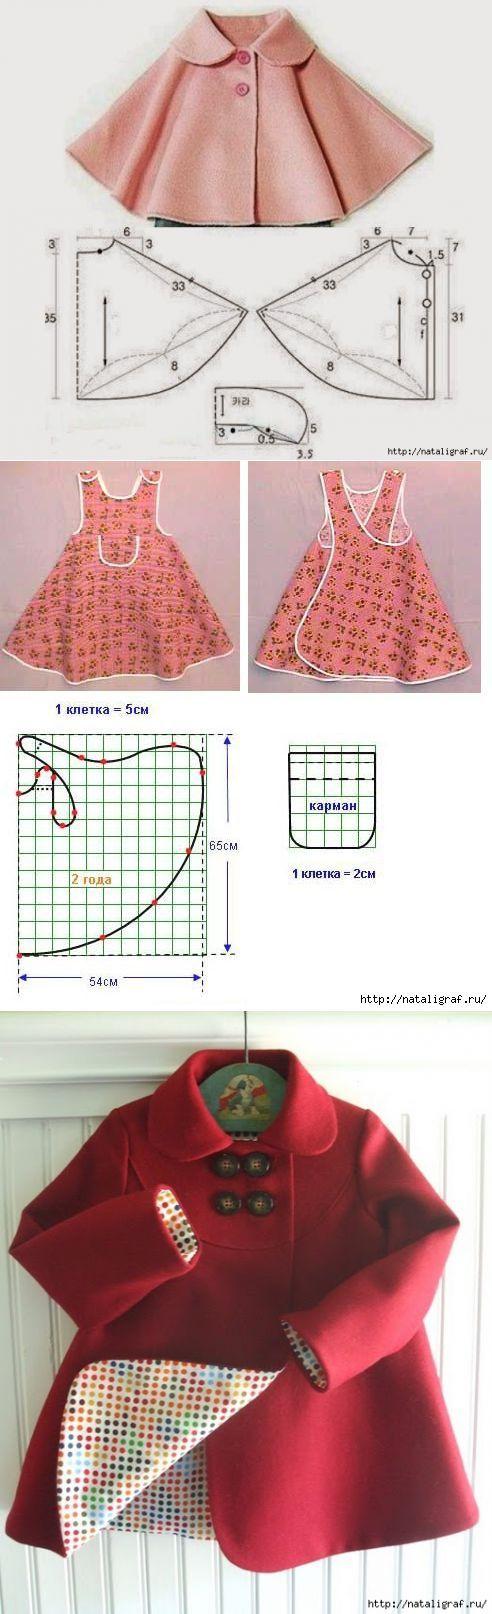 La ropa infantil con los patrones